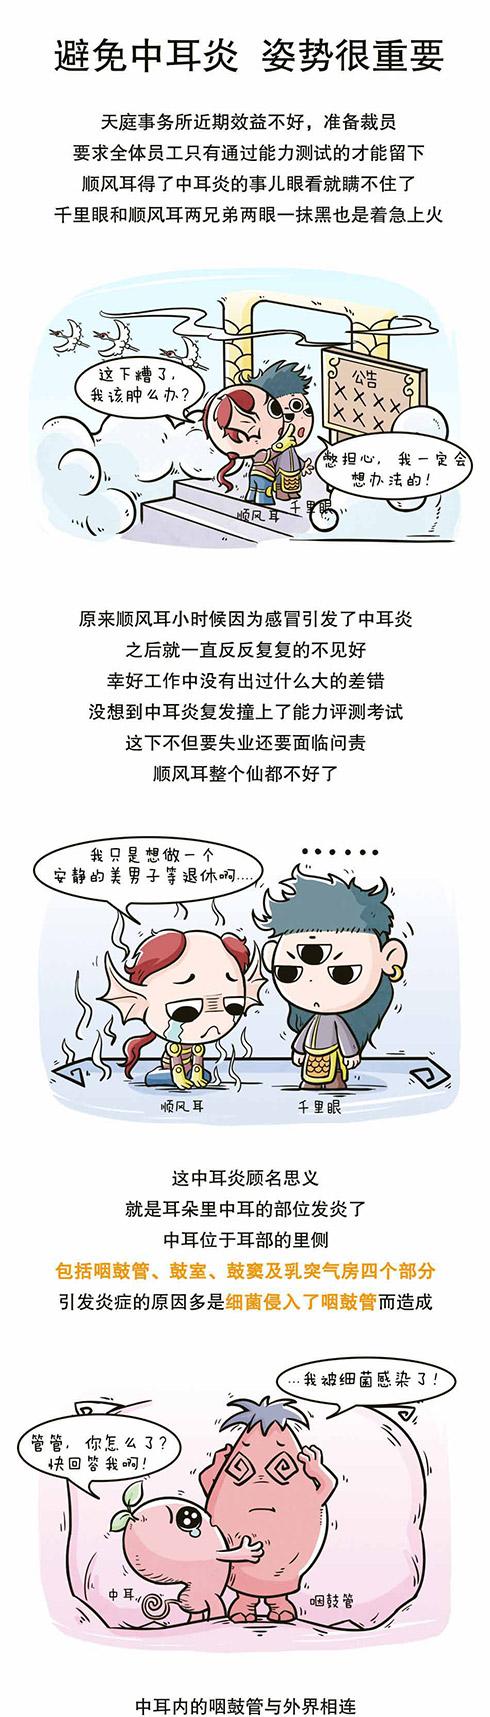 zhongeryan_01